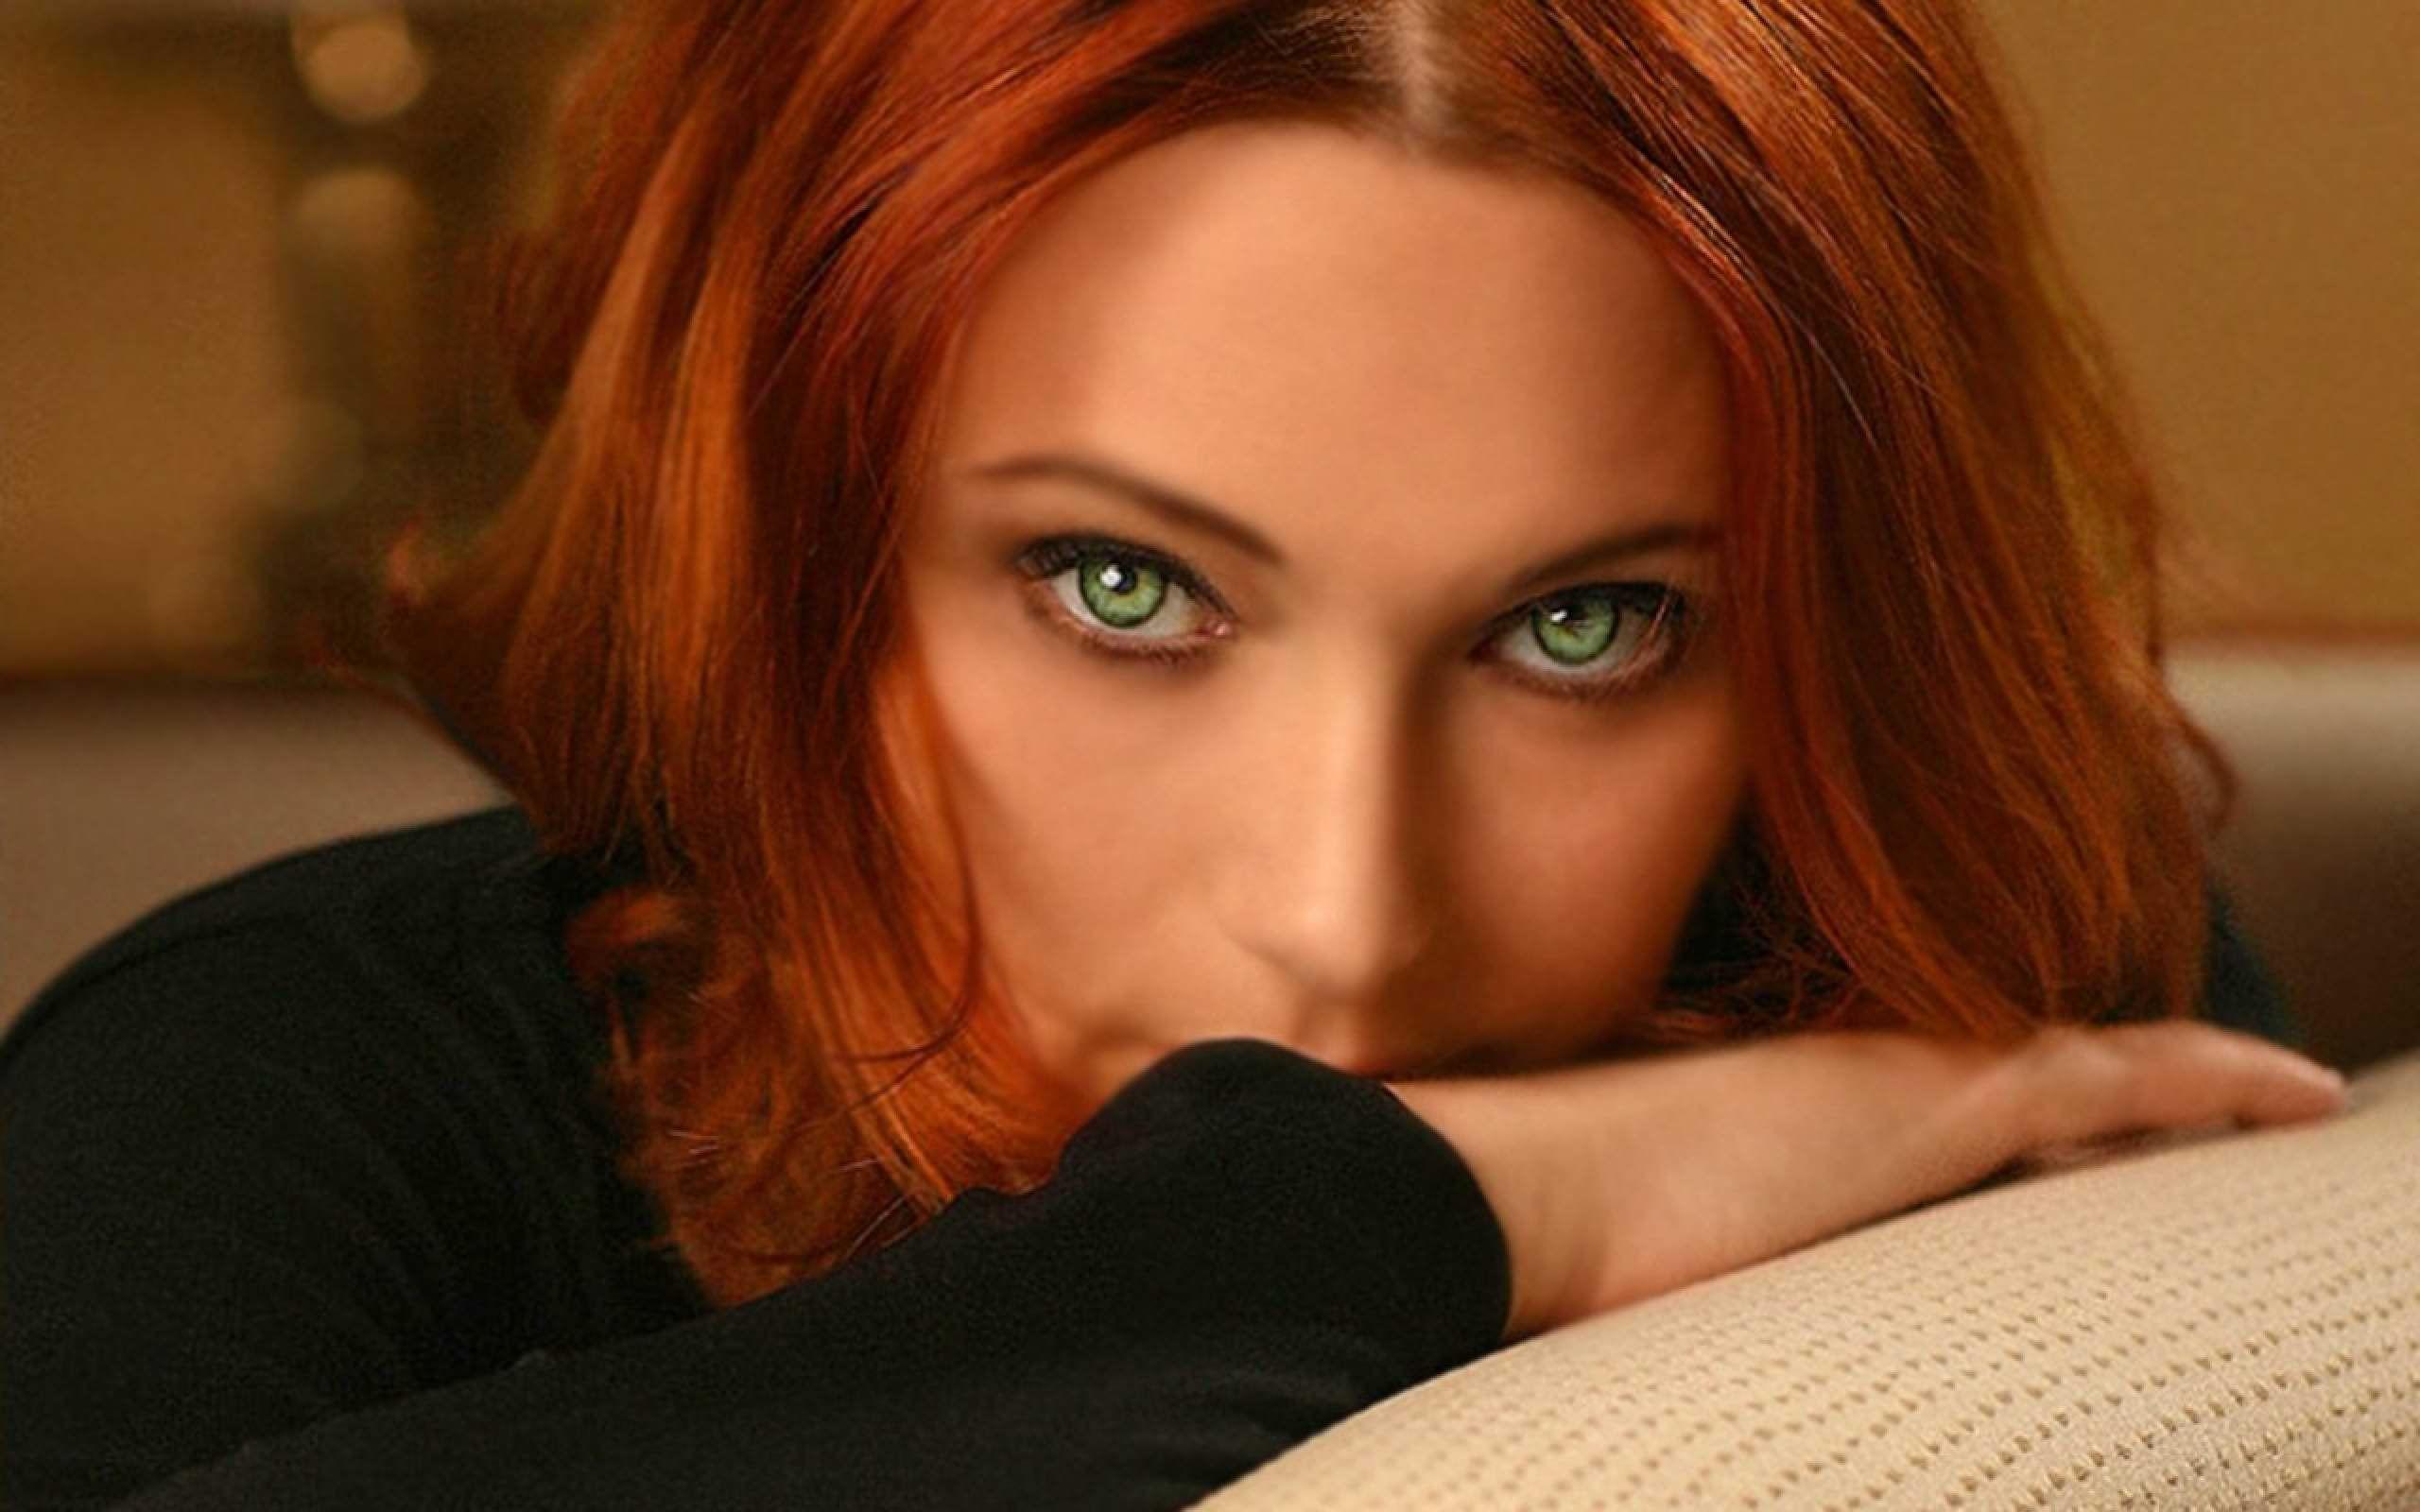 Фото красивых девушек с рыжими волосами и зелеными глазами 16 фотография